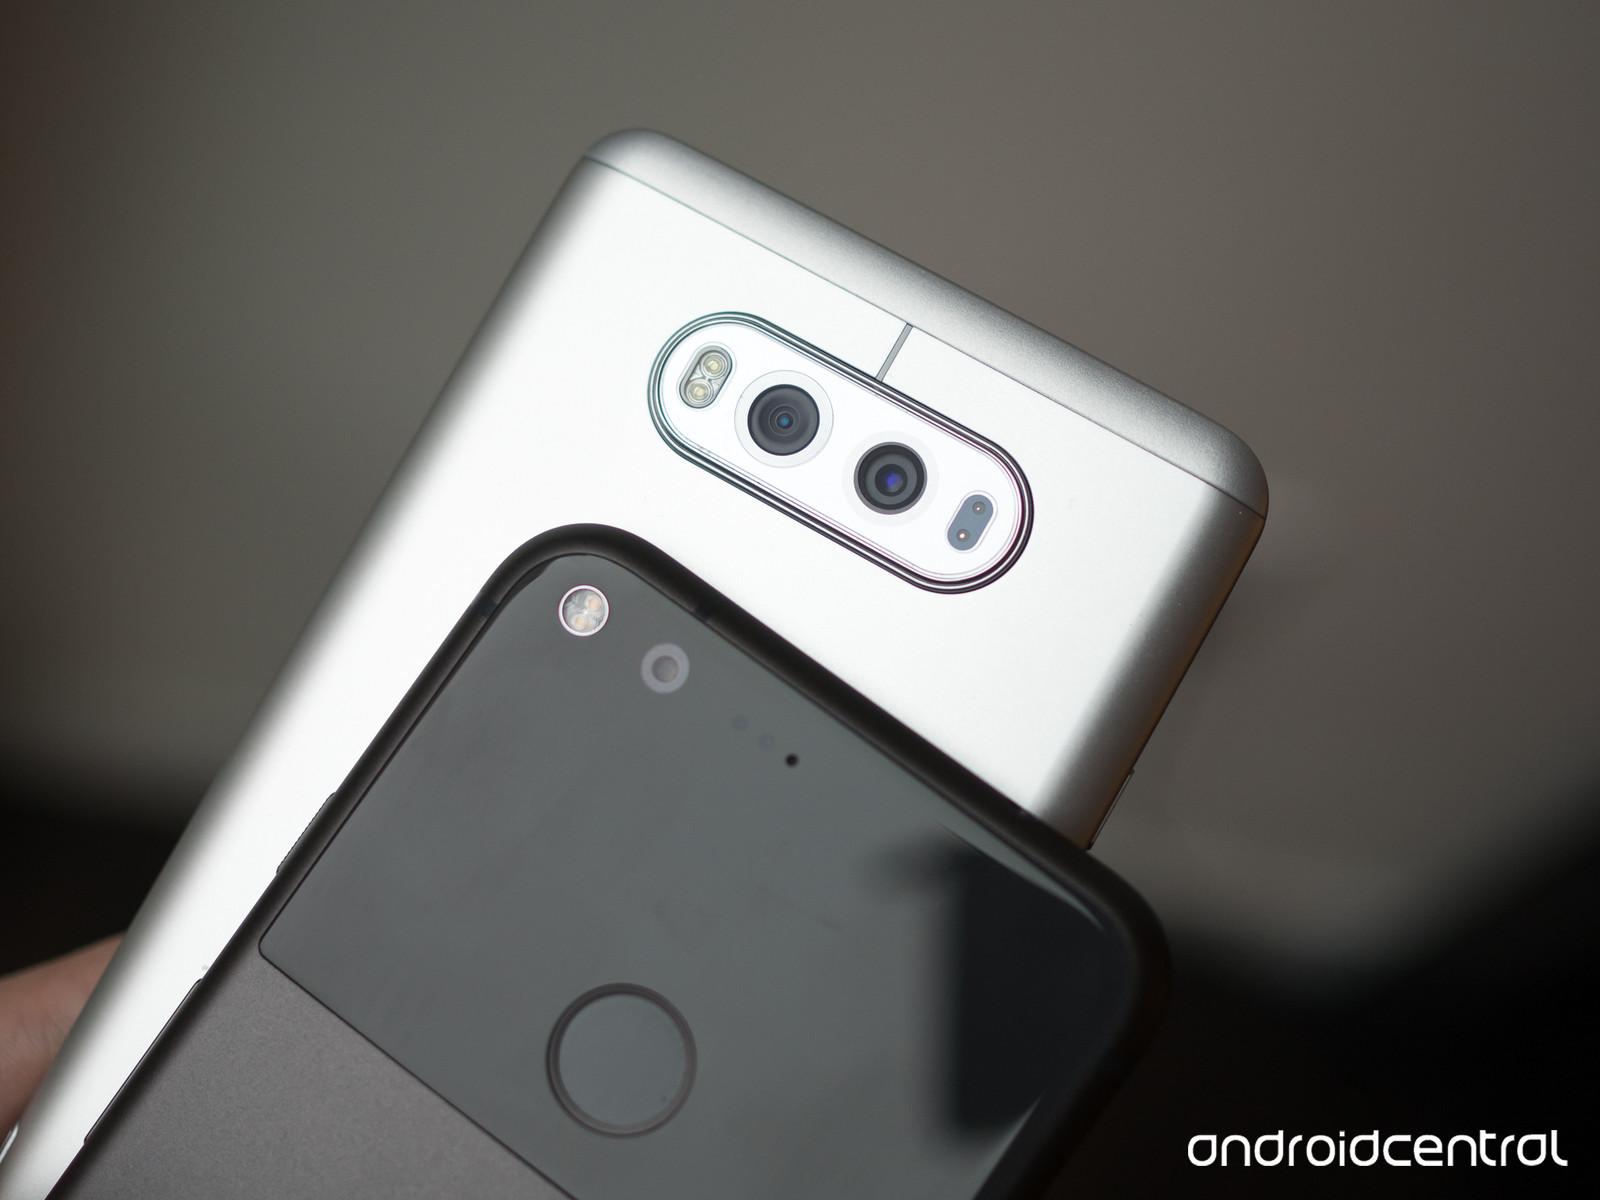 pixel-xl-lg-v20-cameras